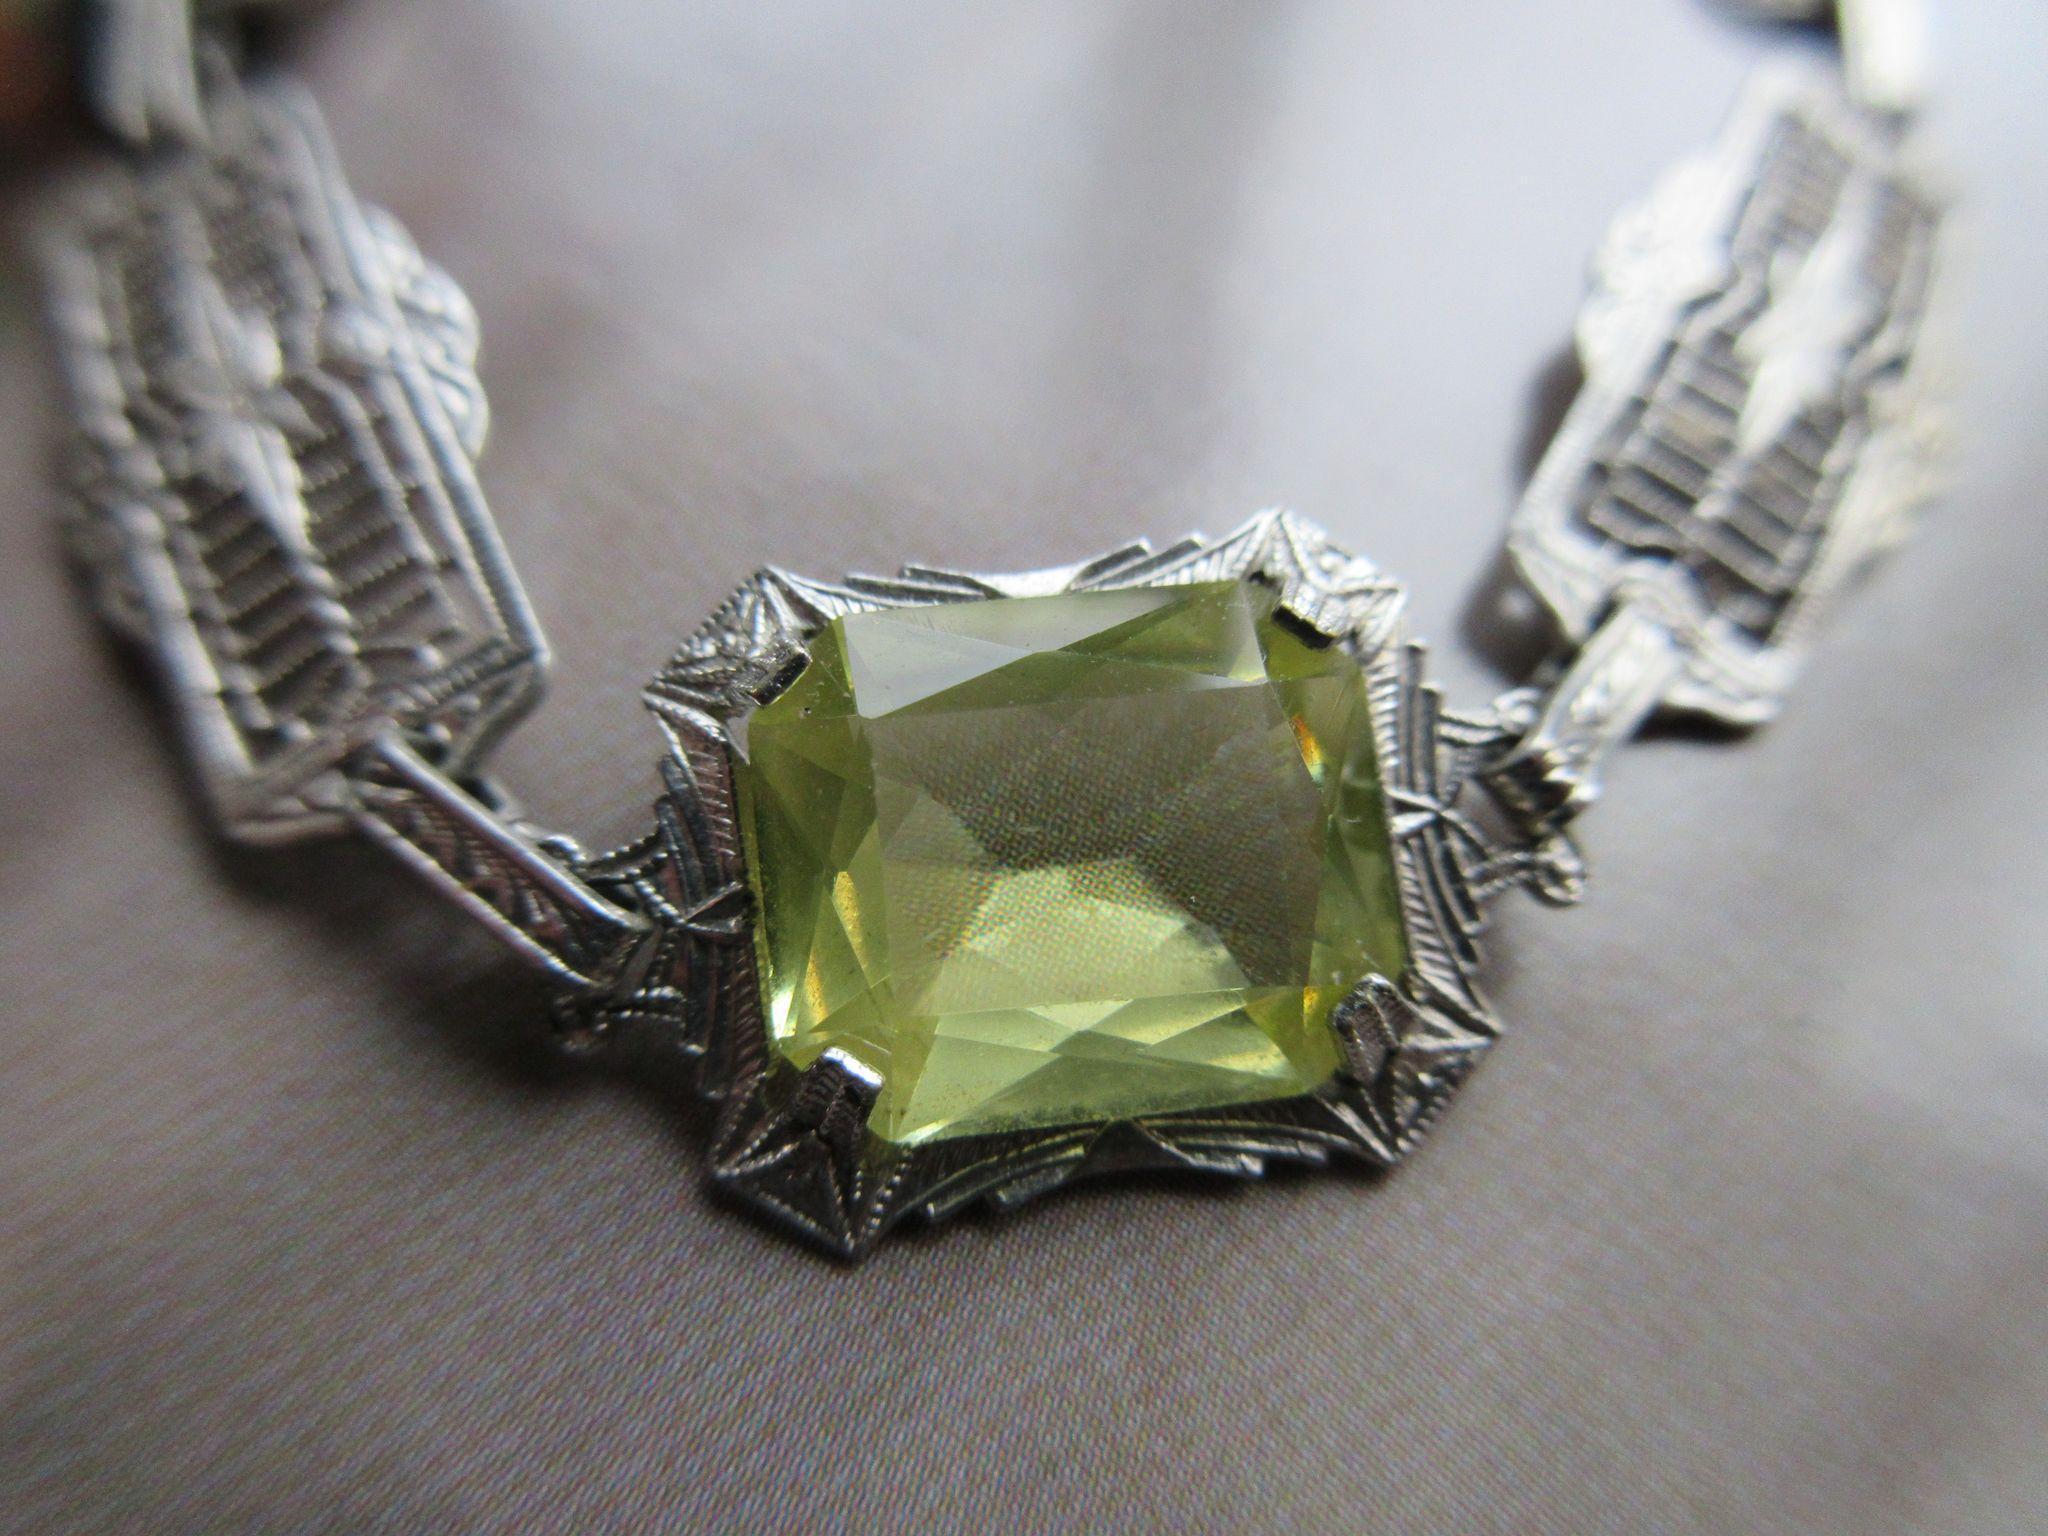 Deco Filigree Crystal Bracelet, Vintage 1930s Bracelet